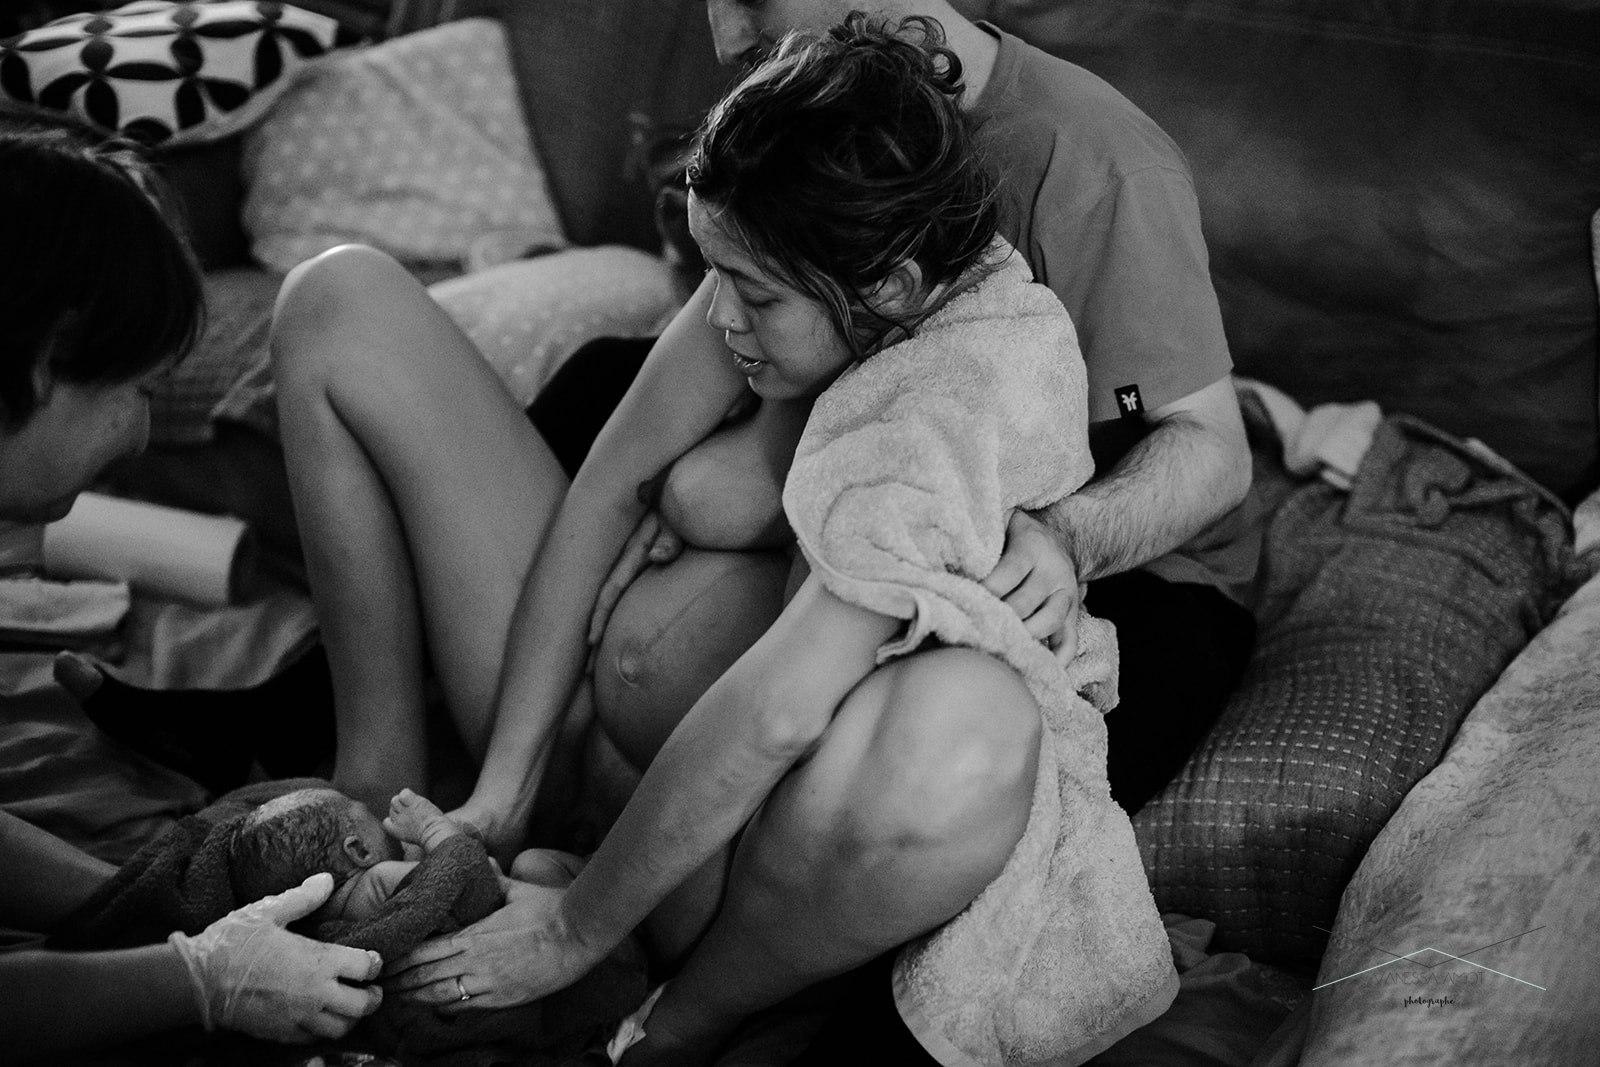 vanessa-amiot-photographe-accouchement-a-domicile